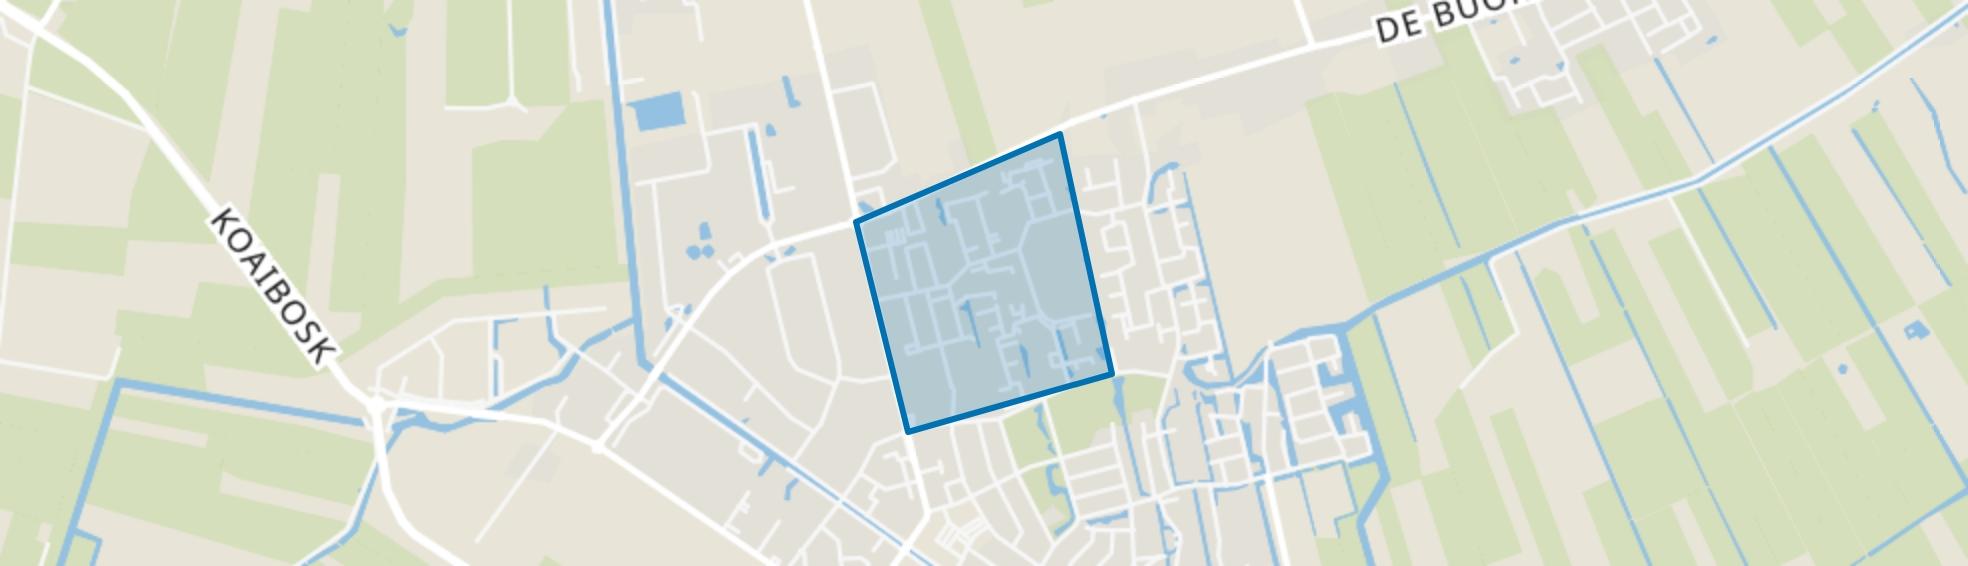 Gorredijk-IJ buurt, Gorredijk map